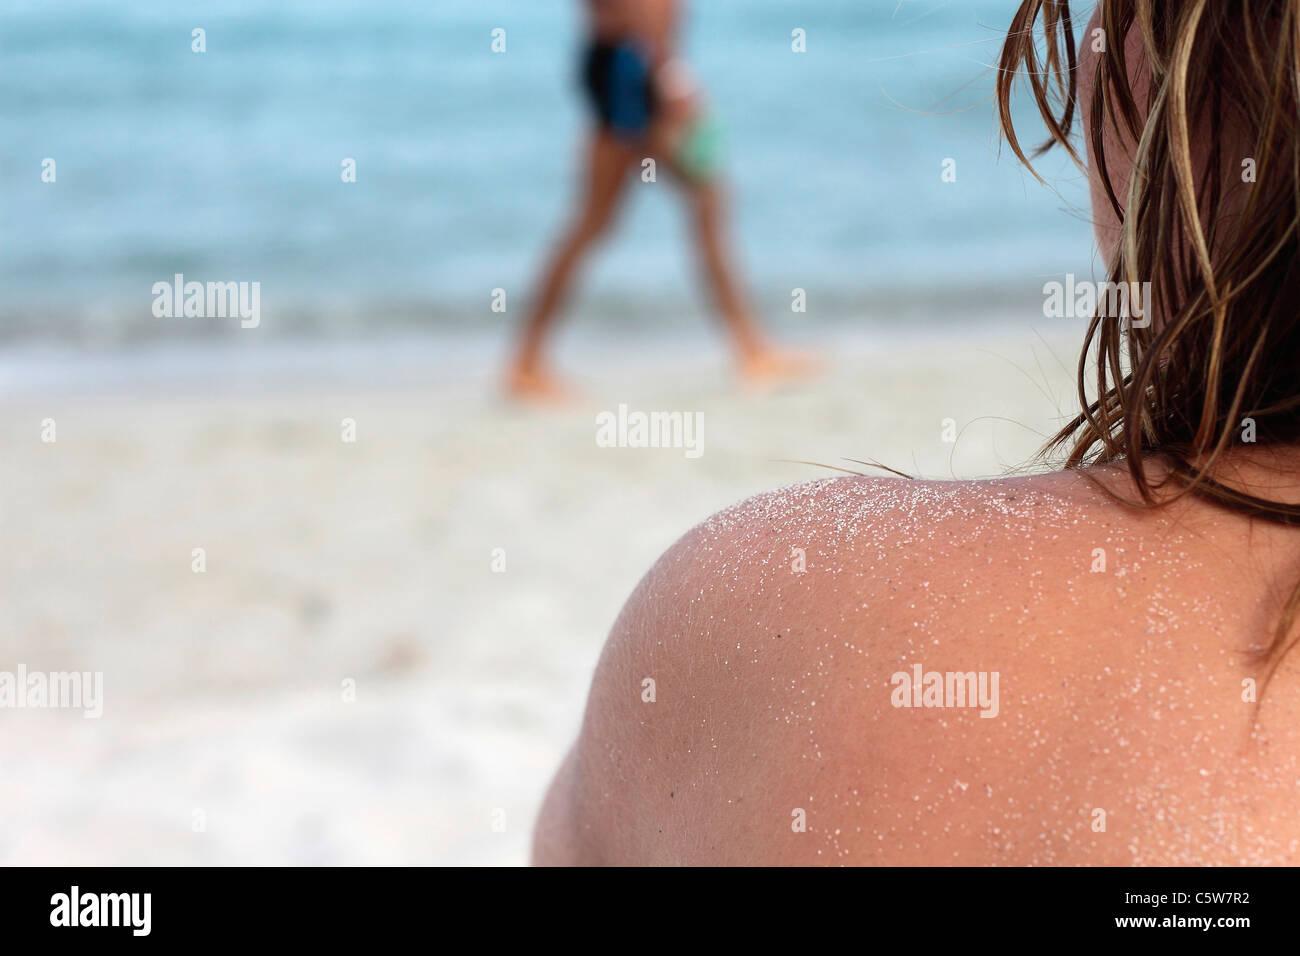 Italia, Cerdeña, personas en la playa de arena Imagen De Stock